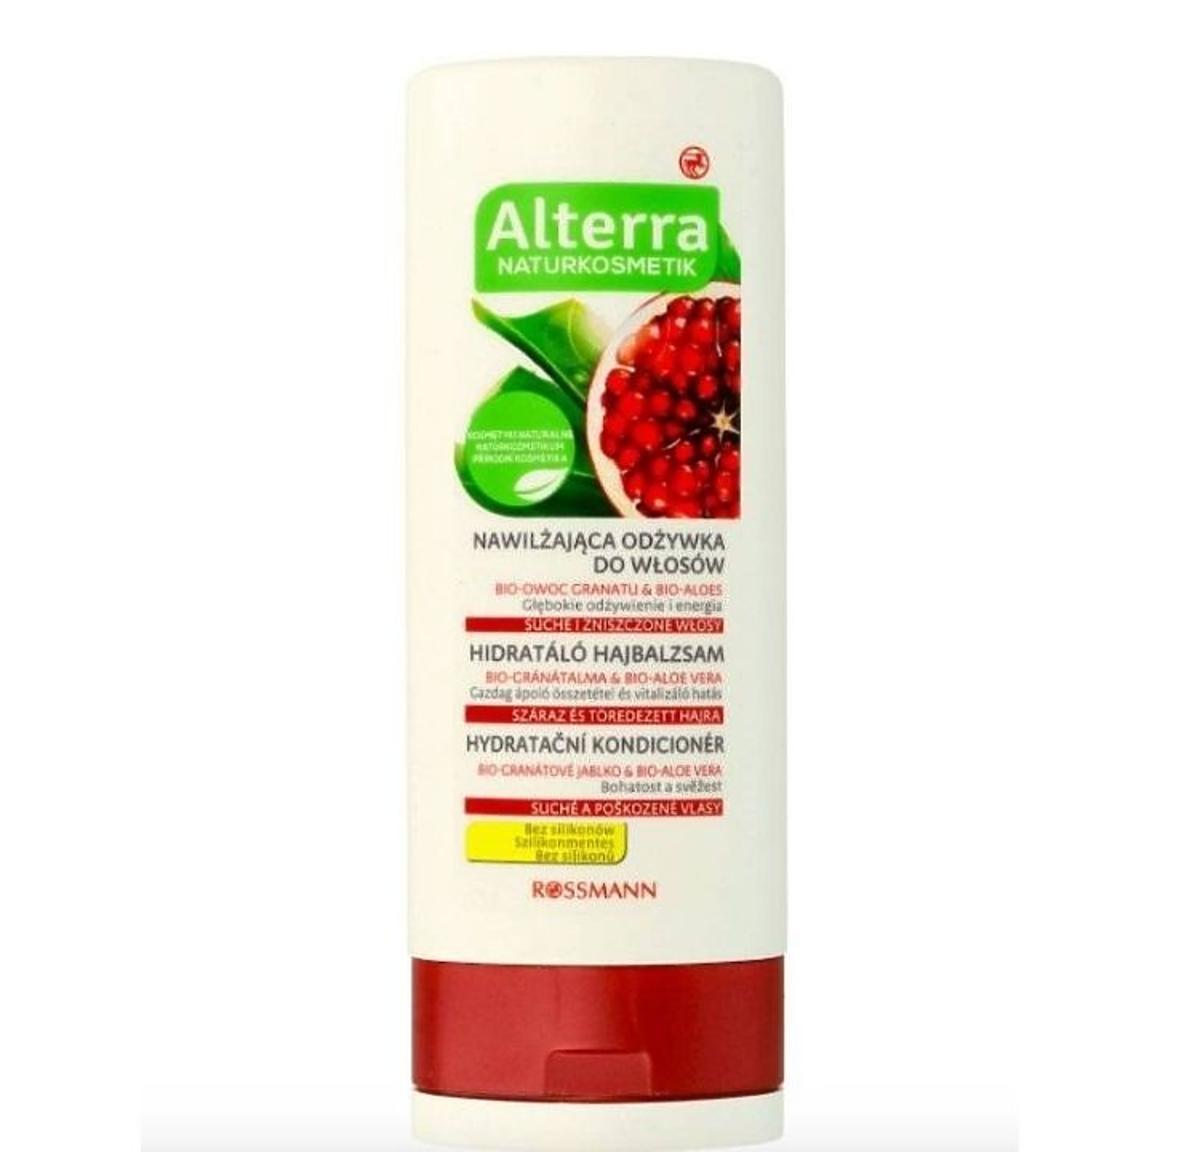 Odżywka do włosów Bio-owoc Granatu i Bio-Aloes Alterra